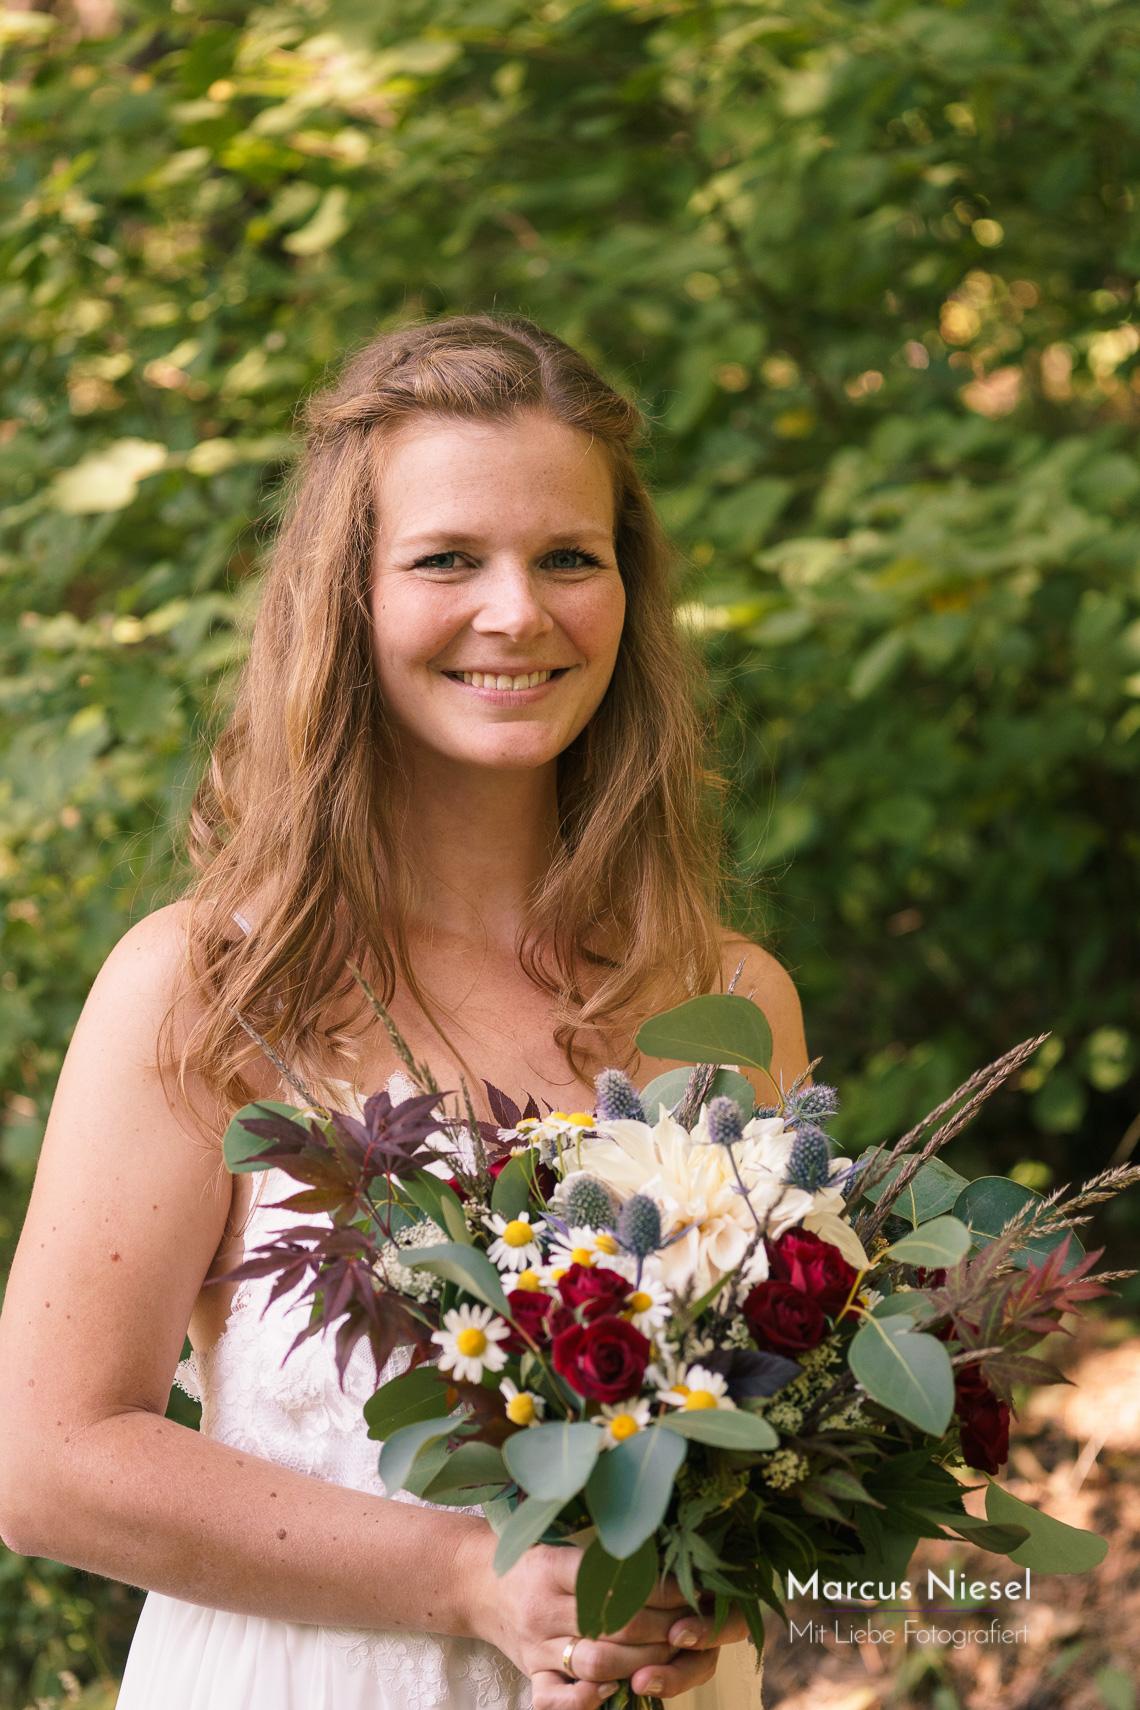 Die Braut lacht mit einem strahlenden lächeln das sehr ansteckend ist.